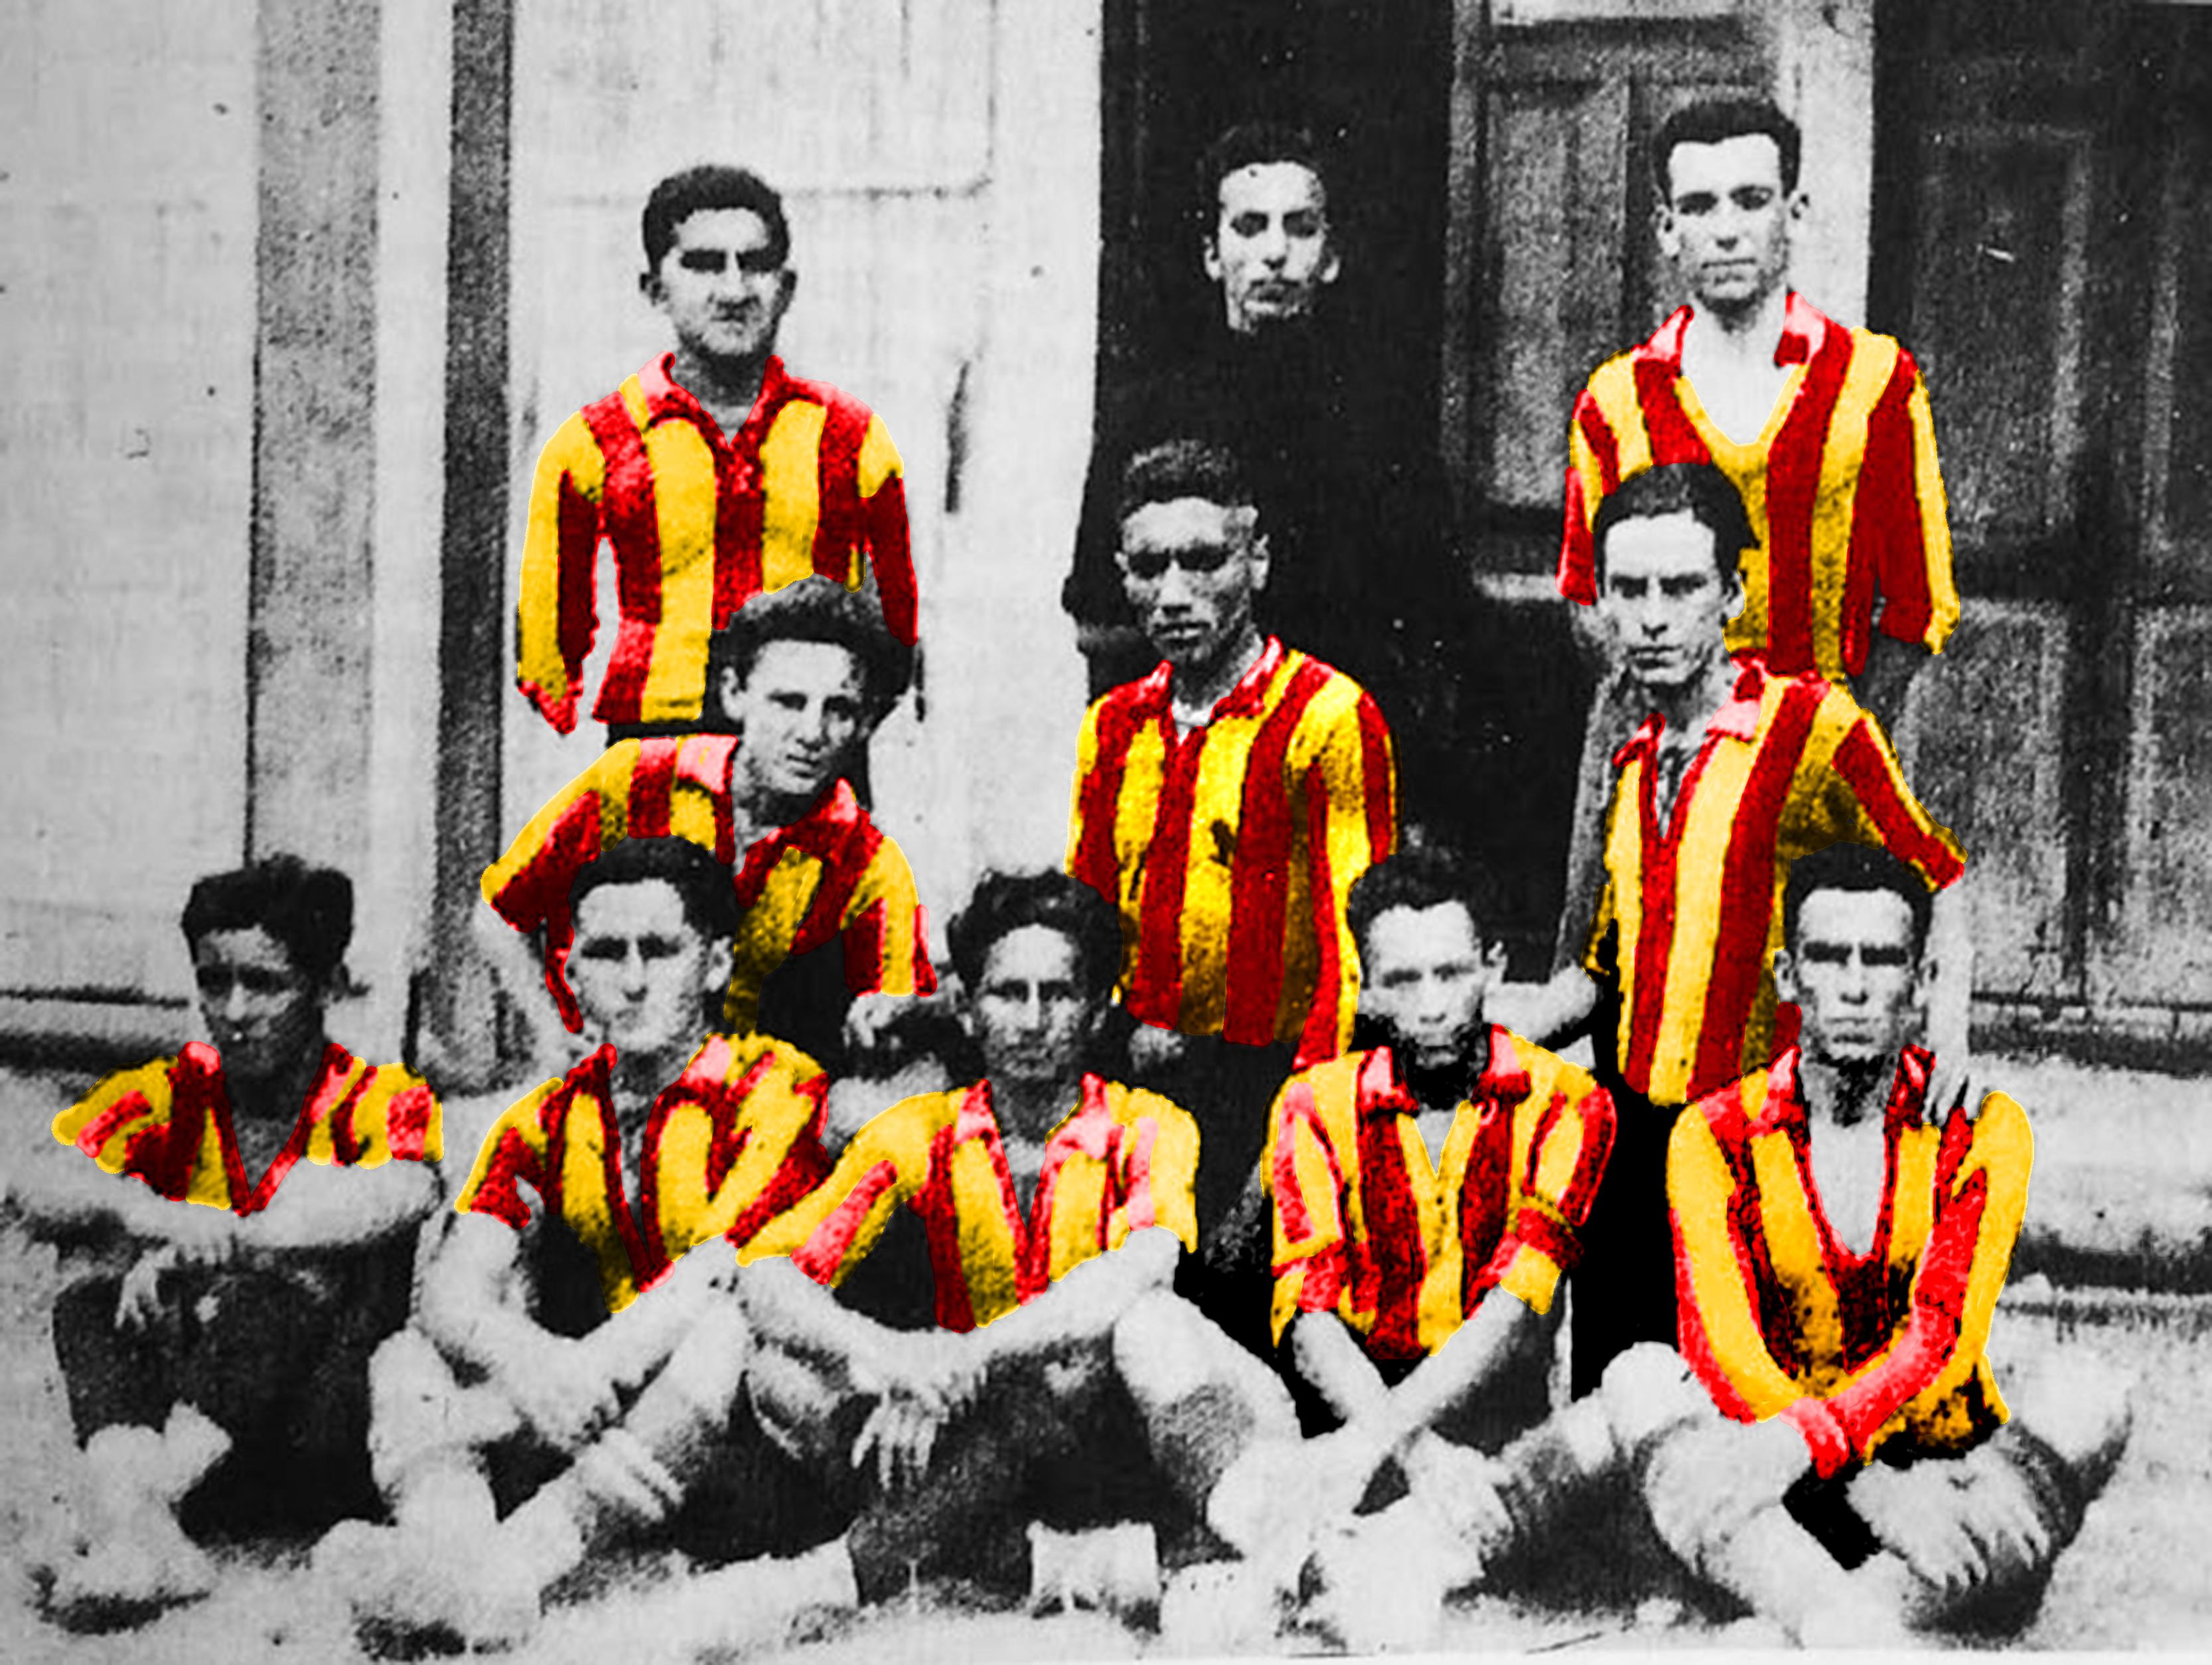 81a14f7239d Historia del uniforme del Barcelona Sporting Club - Wikipedia